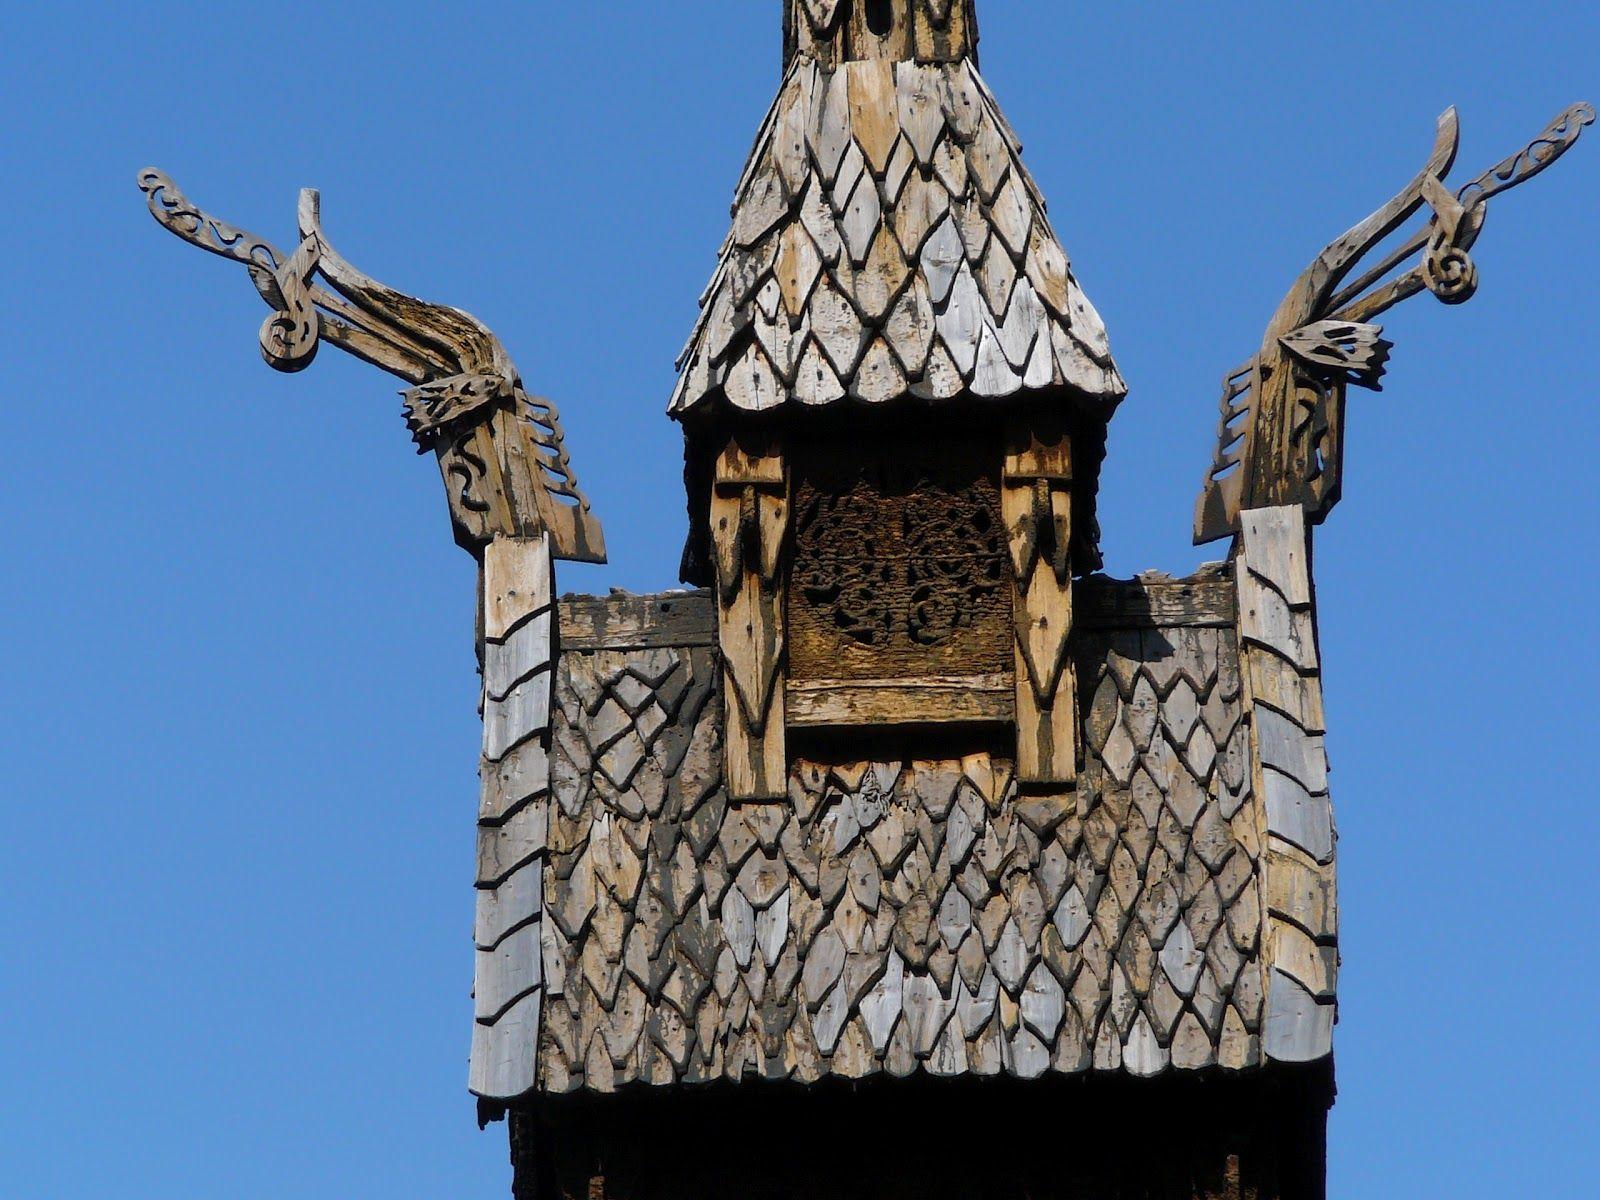 Borgund Stave Church Roof